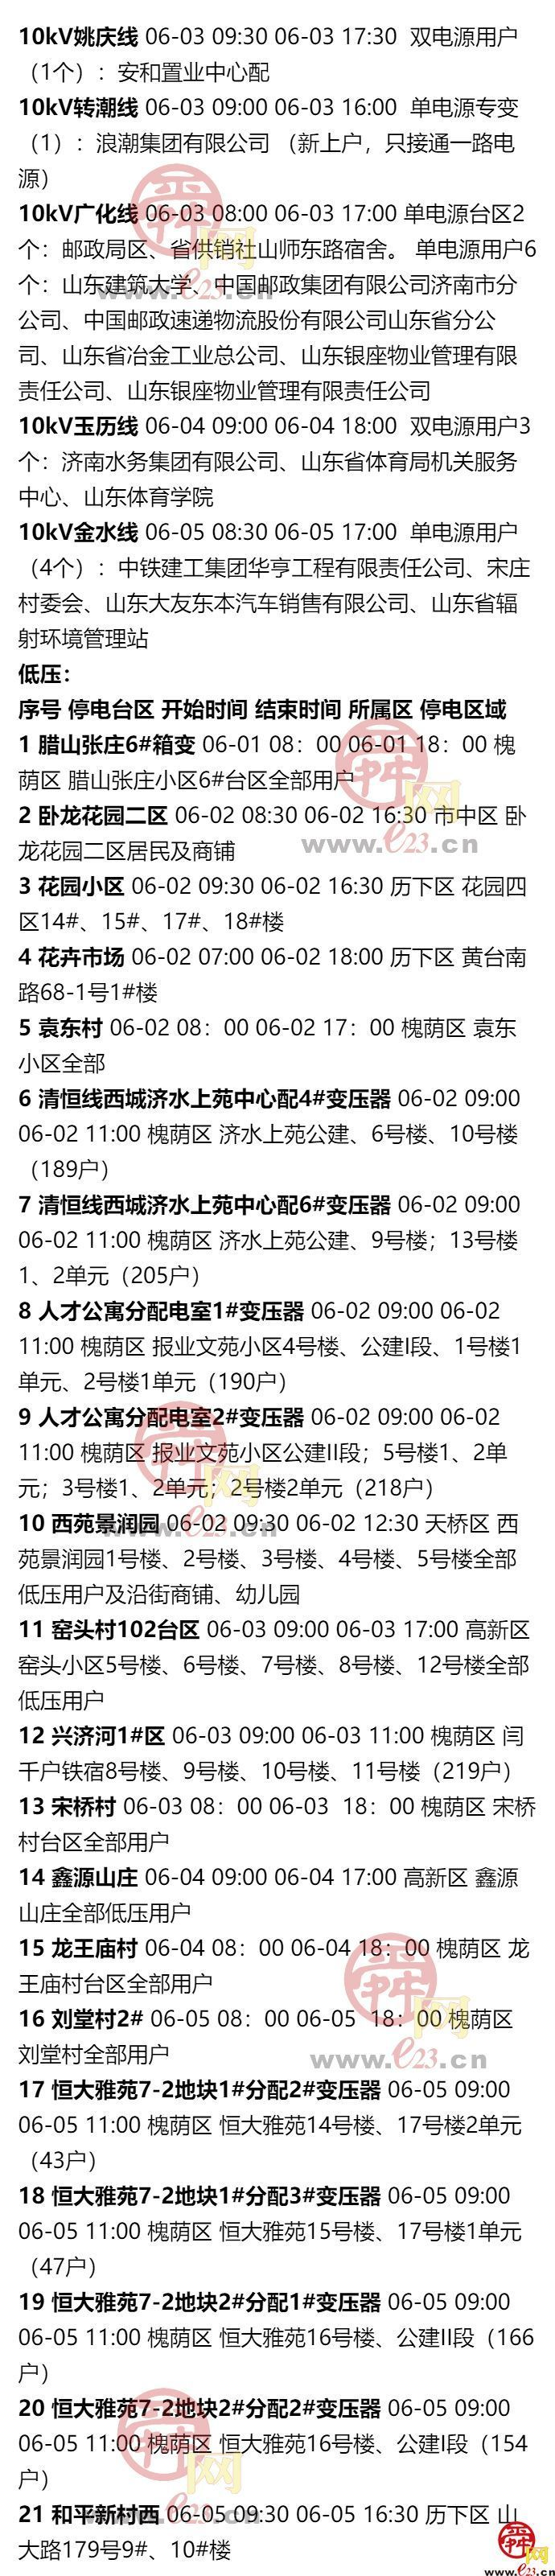 2020年6月1日至6月7日济南部分区域电力设备检修通知